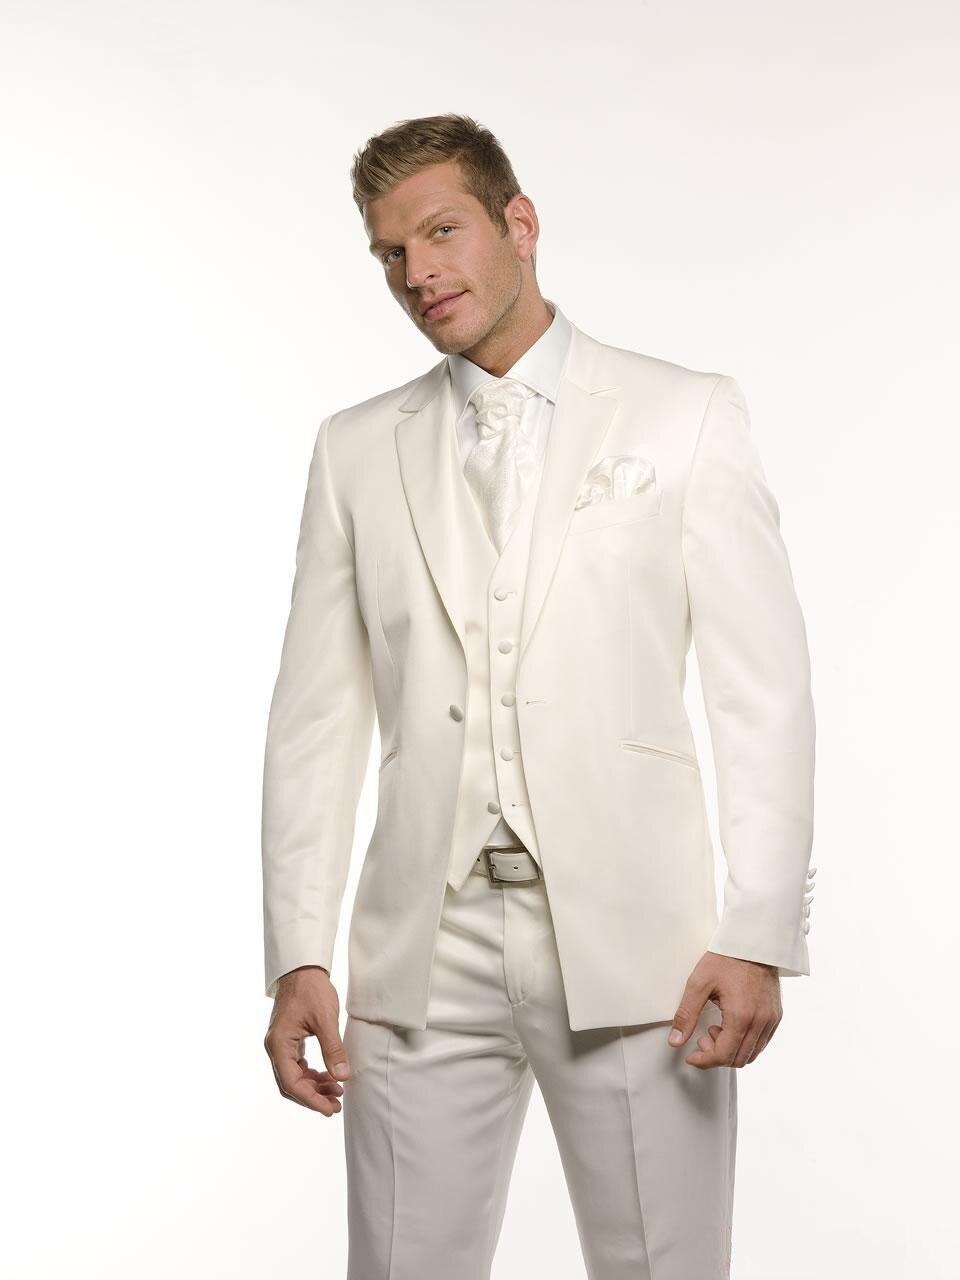 2159fc48697e5 جديد نمط واحد زر العريس سهرة رفقاء العاج الزفاف عشاء بذلات سهرة أفضل رجل  العريس (سترة + بنطلون + ربطة عنق + سترة) b92